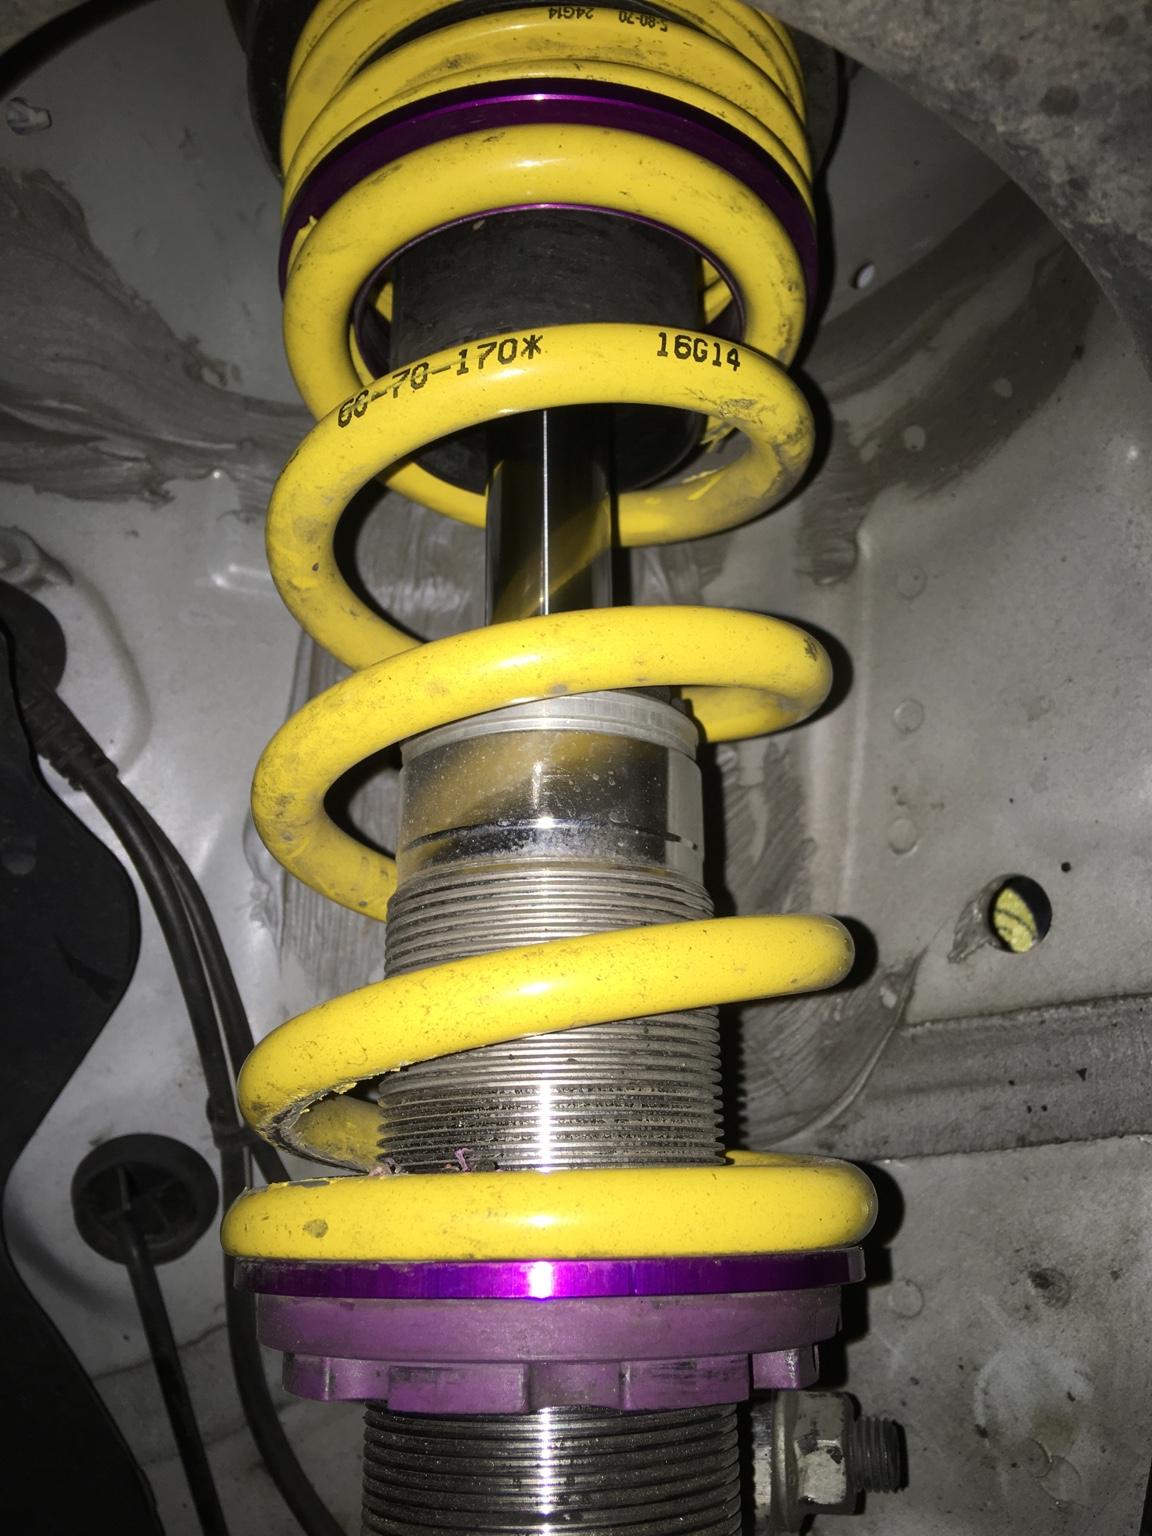 3.0 TDI Quattro Bilstein B3 Rear Coil Spring Audi A4 171 kW 8Ec, B7